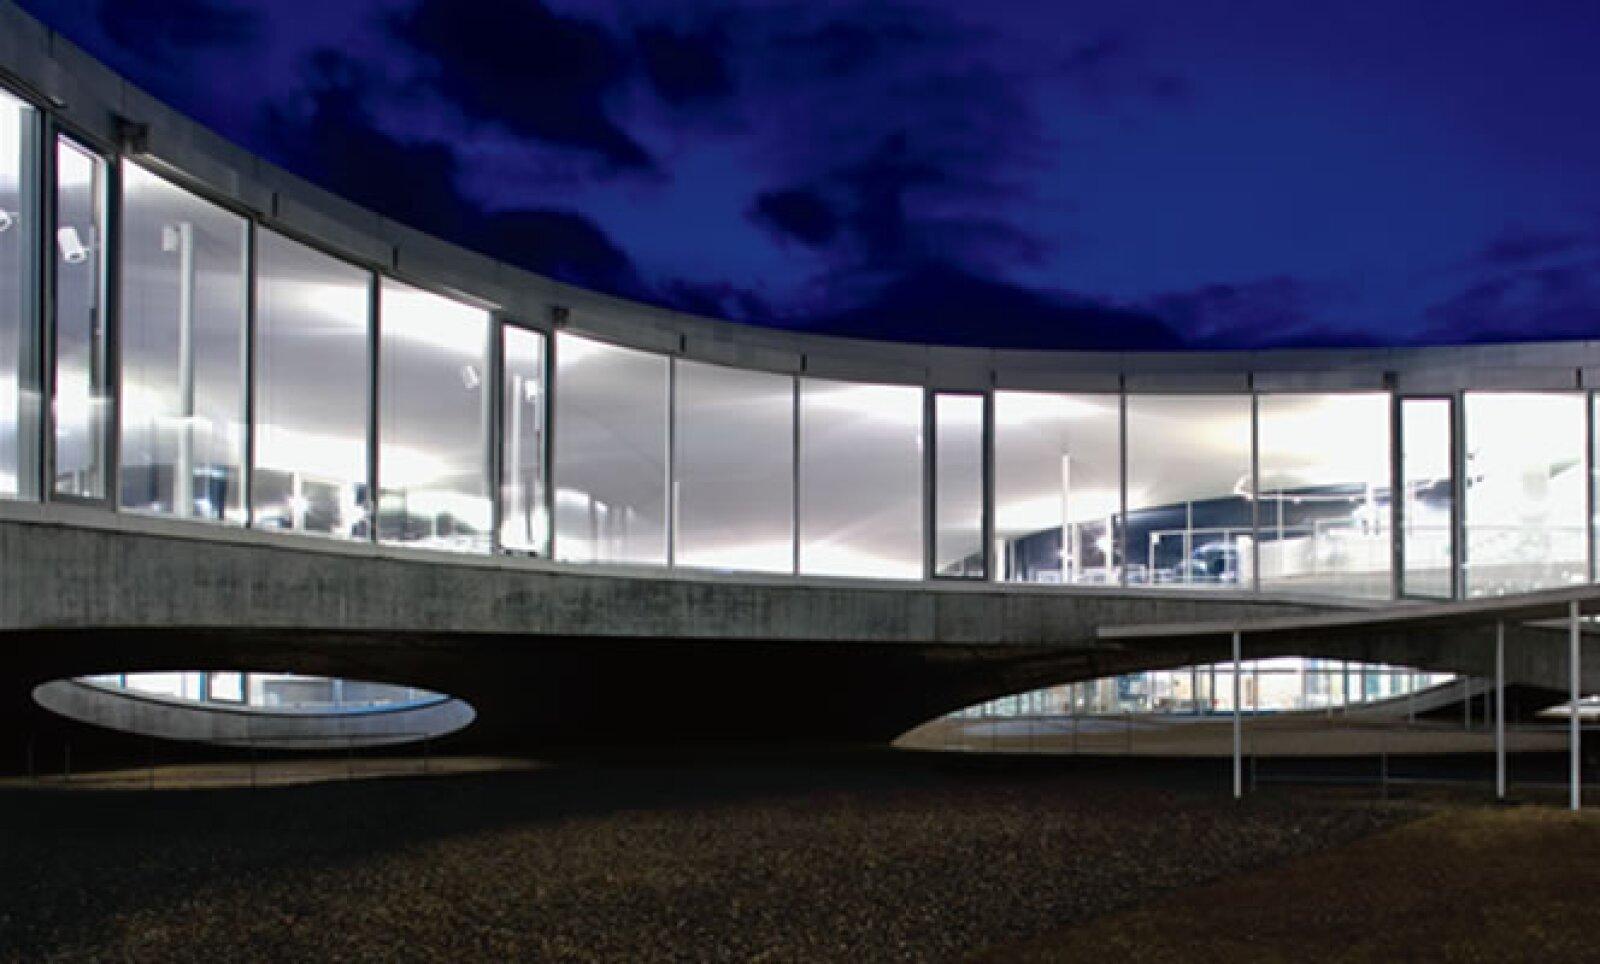 Al iniciarse el diseño del Rolex Learning Center, en Suiza, se pensó en un edificio de varios pisos, pero se optó por una única planta, diferenciada con ondulaciones de piso y techo.